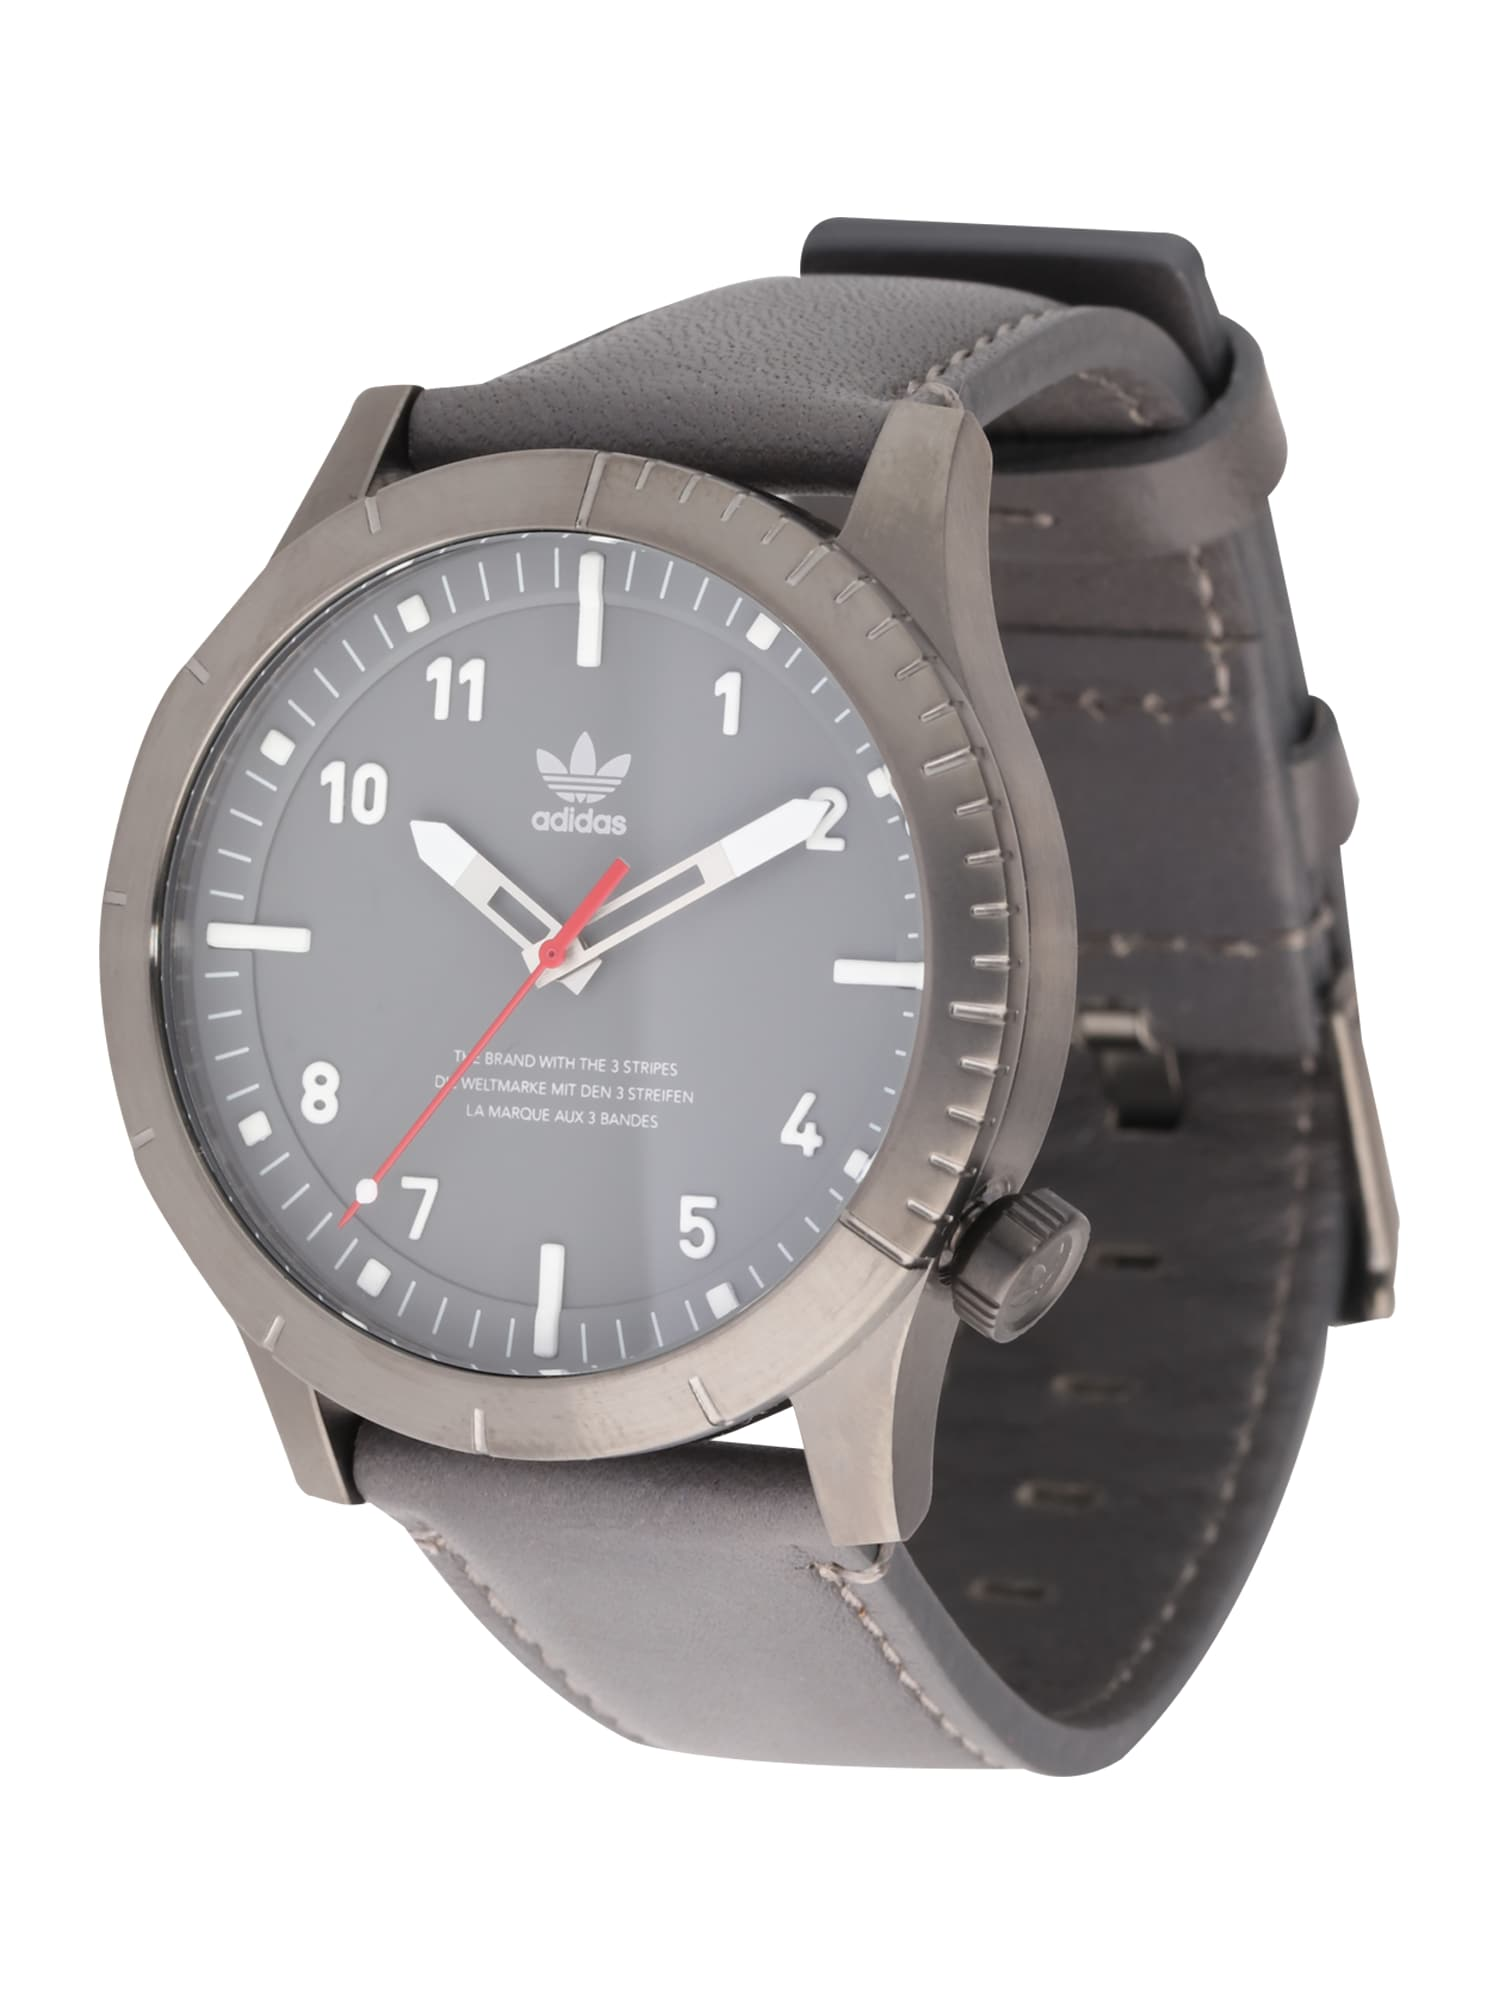 ADIDAS ORIGINALS, Heren Analoog horloge 'Cypher_LX1', grijs